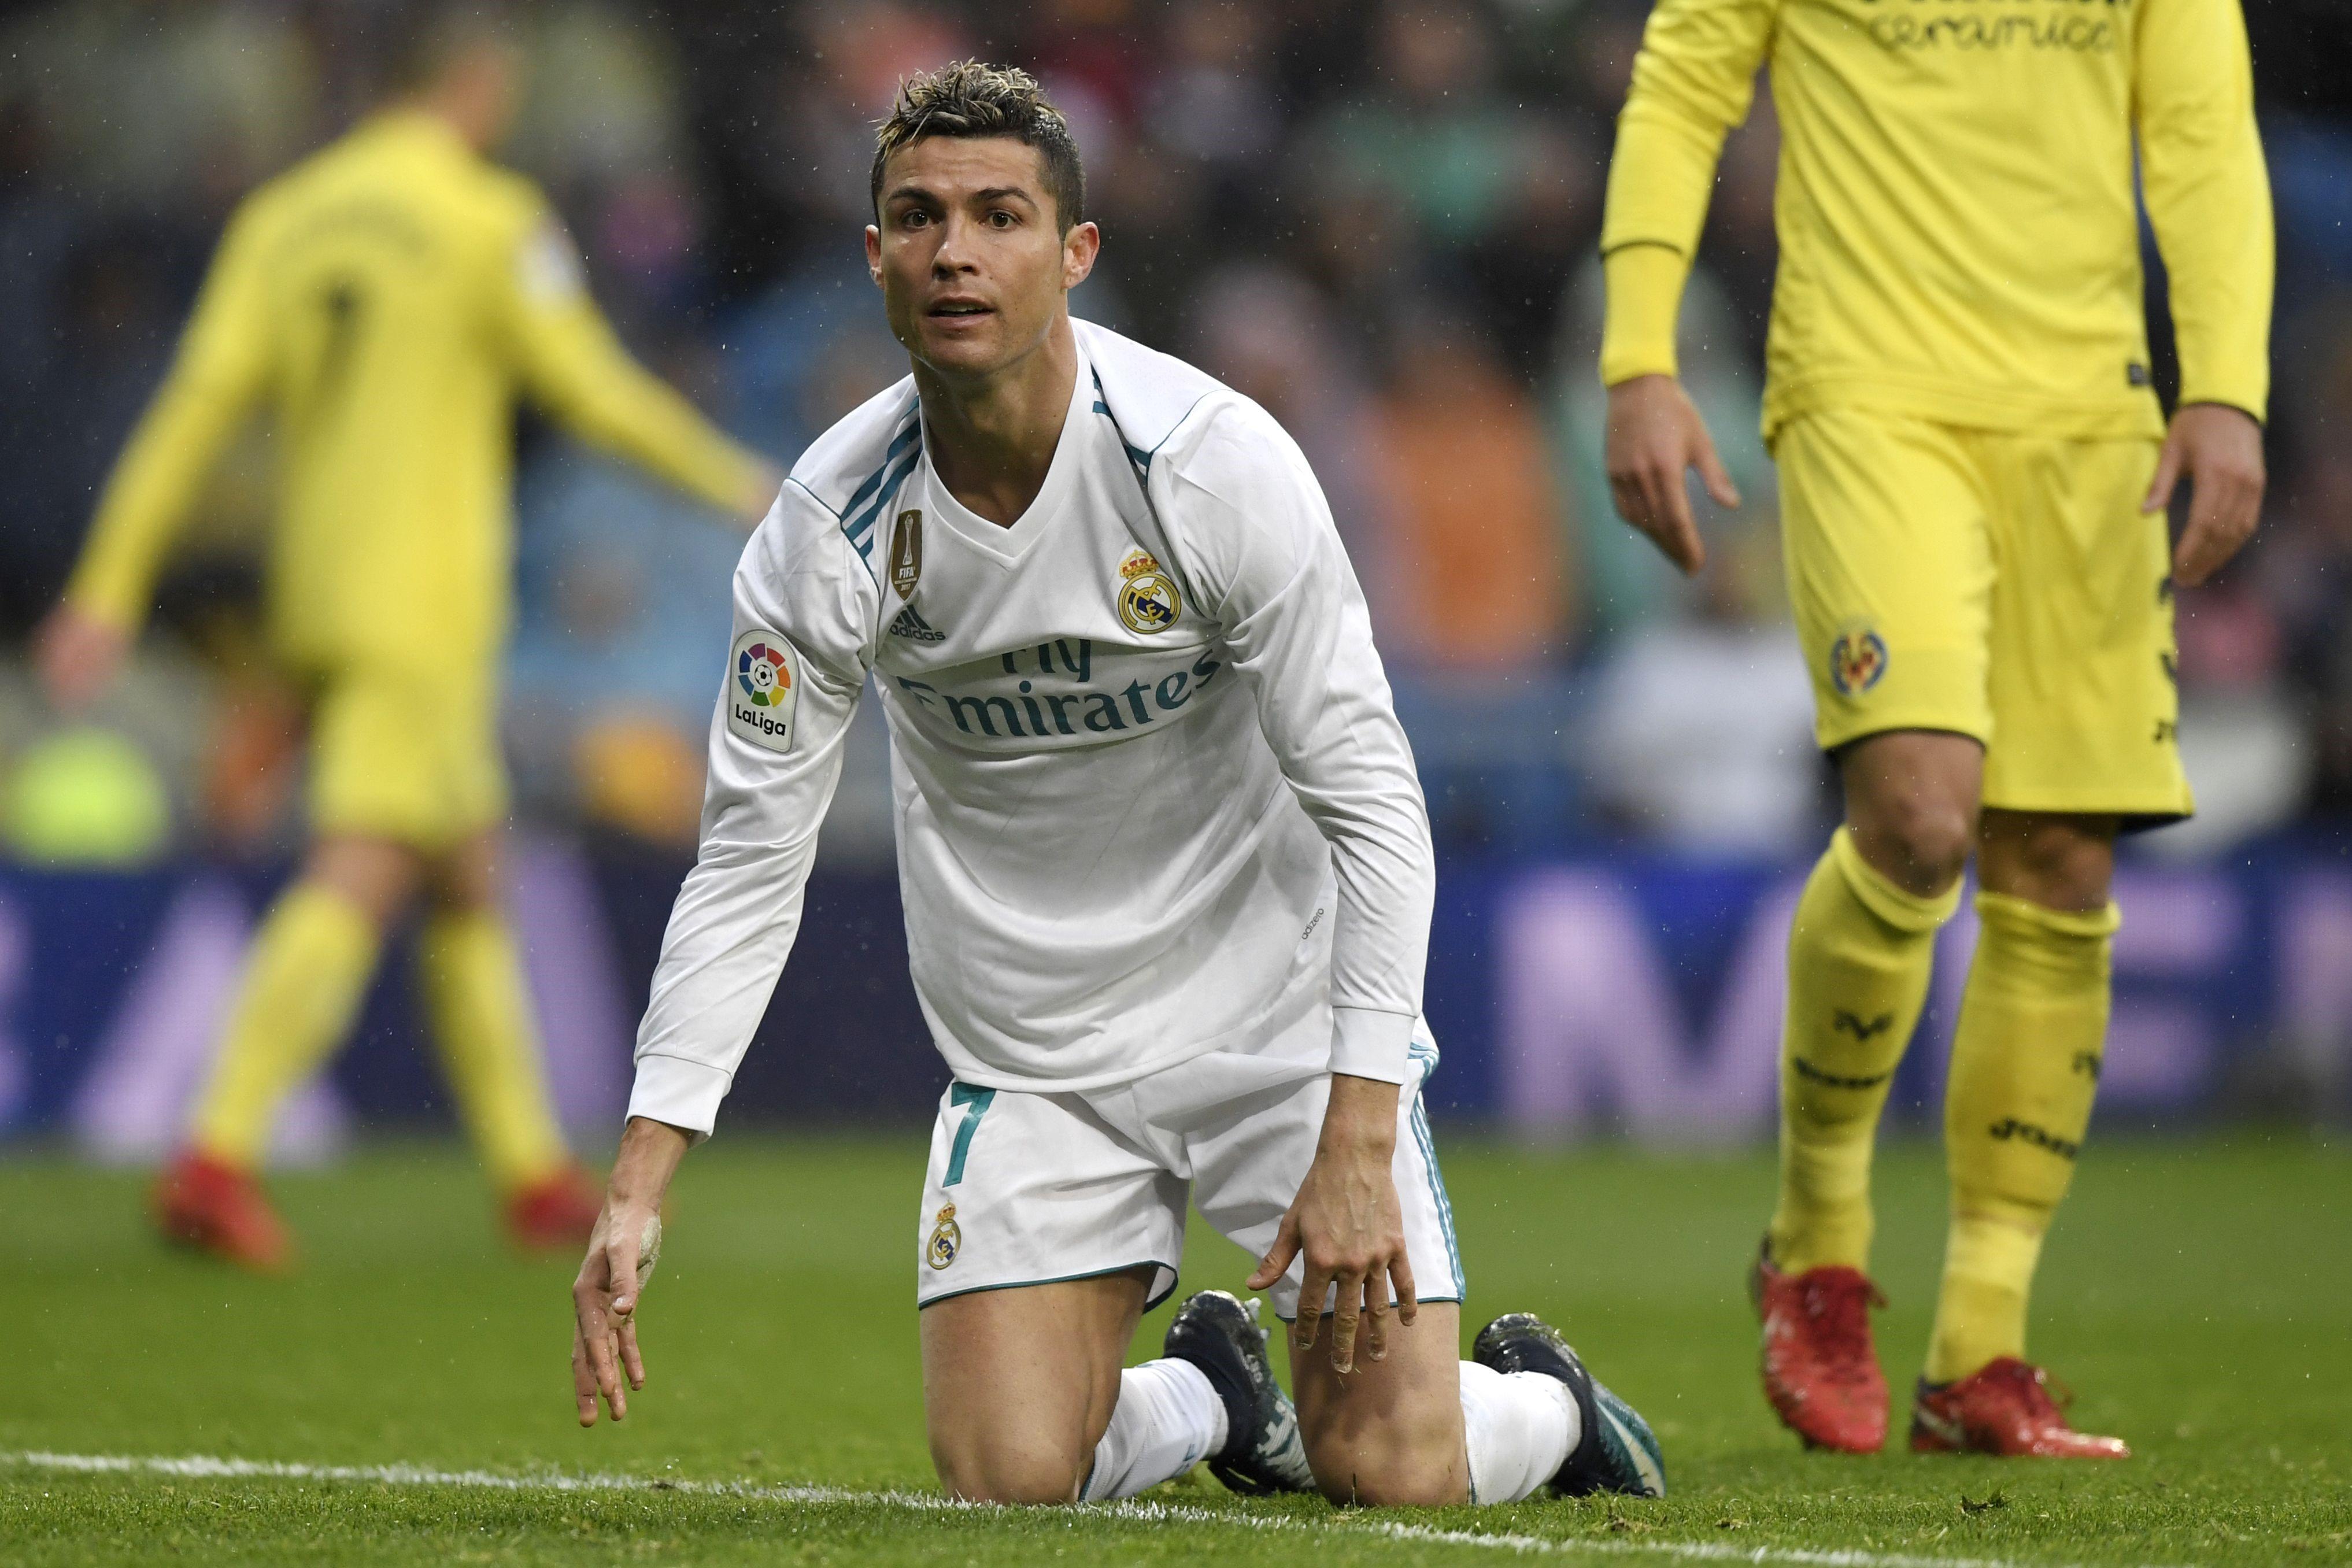 Криштиану Роналду в матче «Реал» – «Вильярреал»